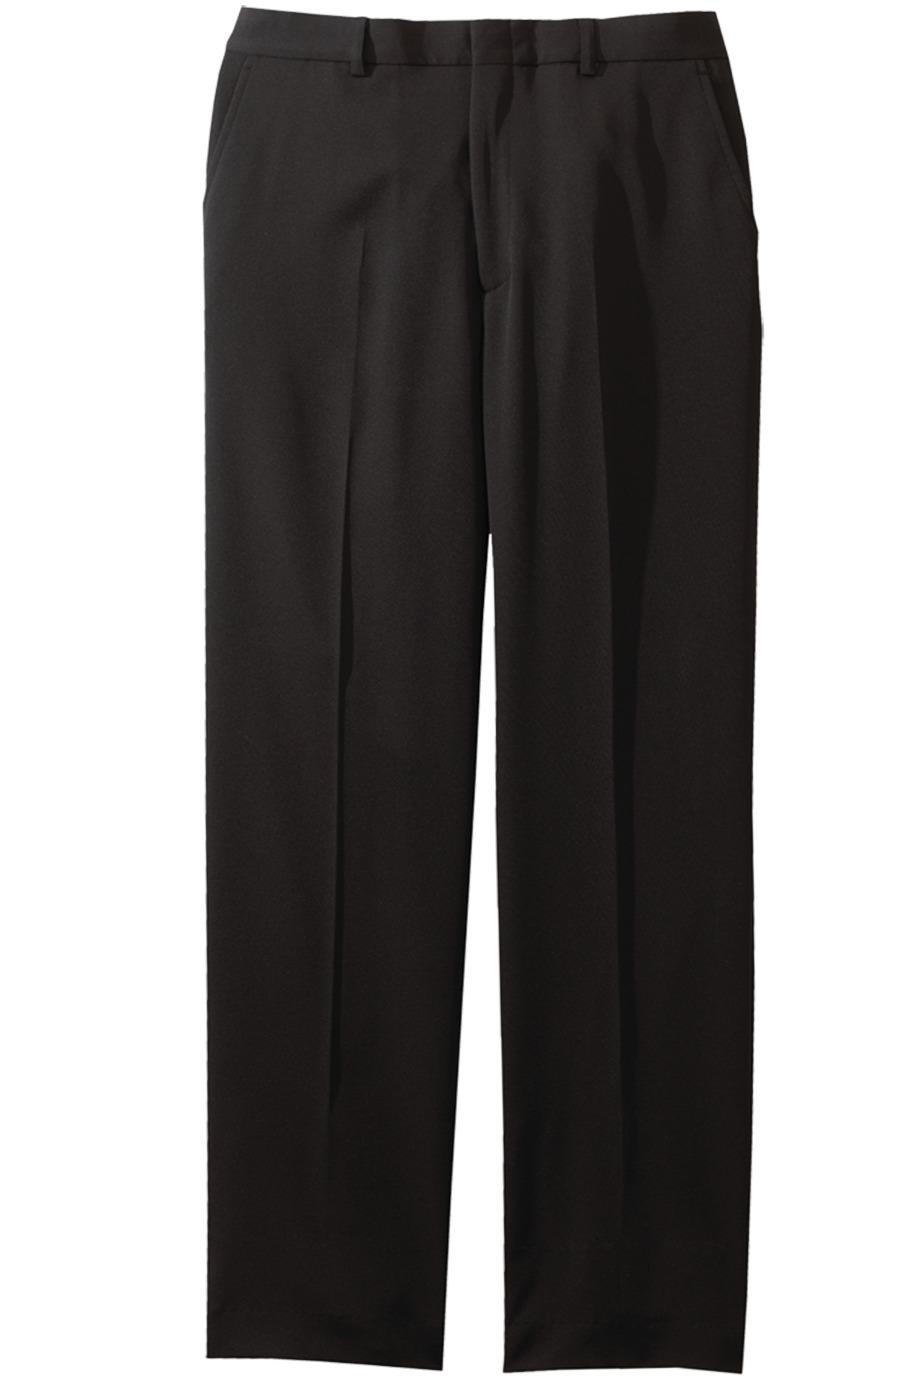 fc5f865e86c Edwards Garment 2550 - Men s Classic Fit Trouser Pant